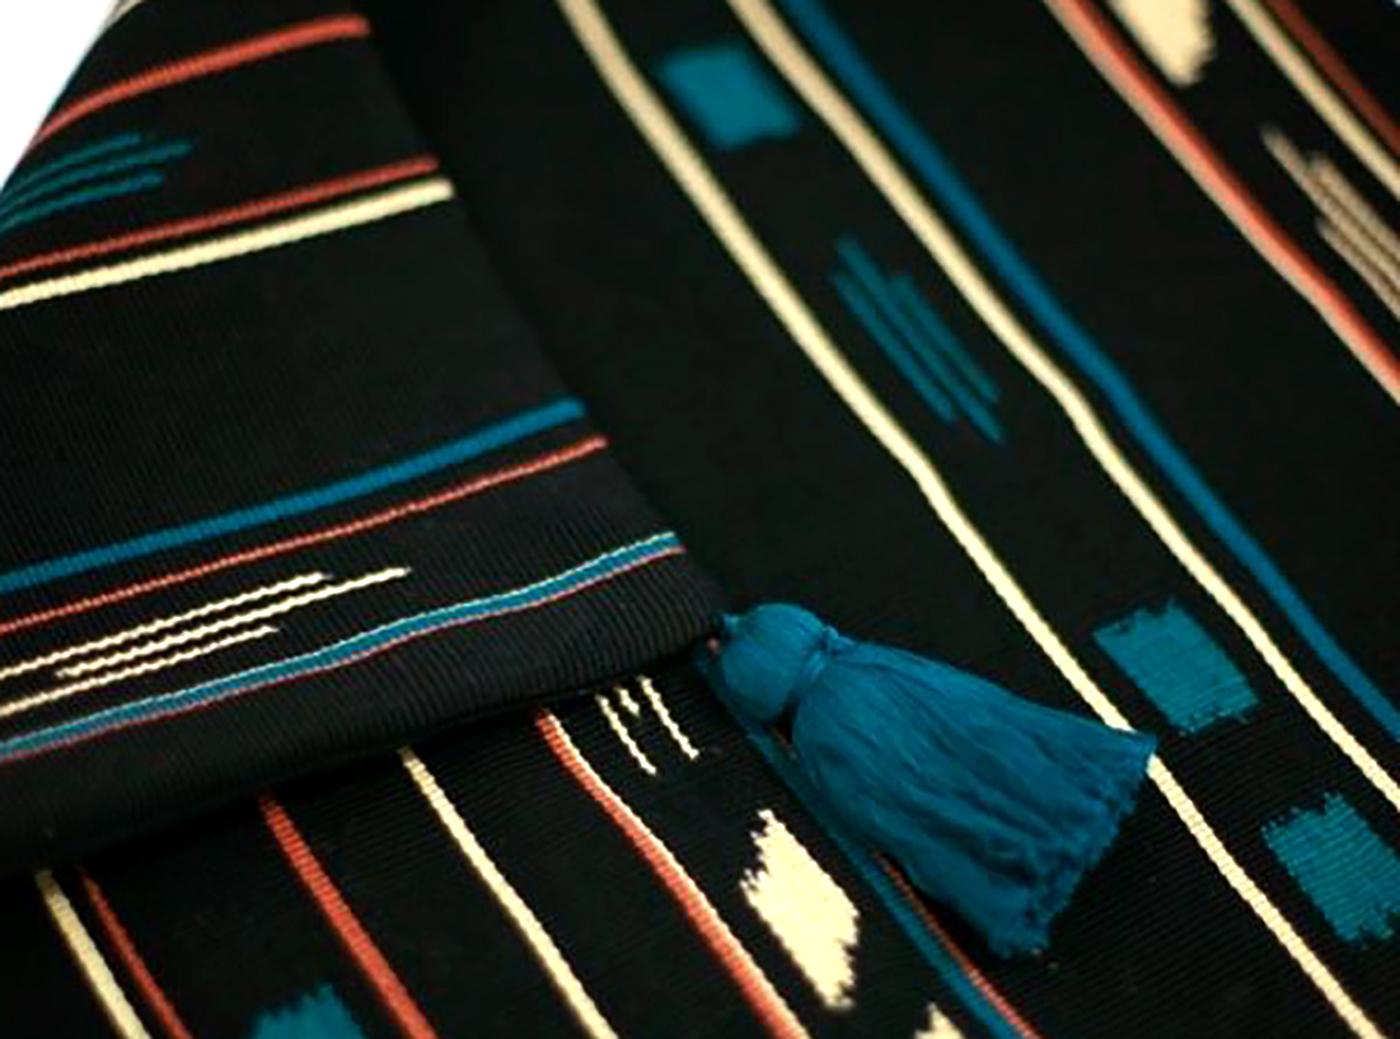 패브릭 쿠션 커퍼 아줄(M_azul)/핸드메이드 패브릭 쿠션커버(40×40cm) 상세이미지2